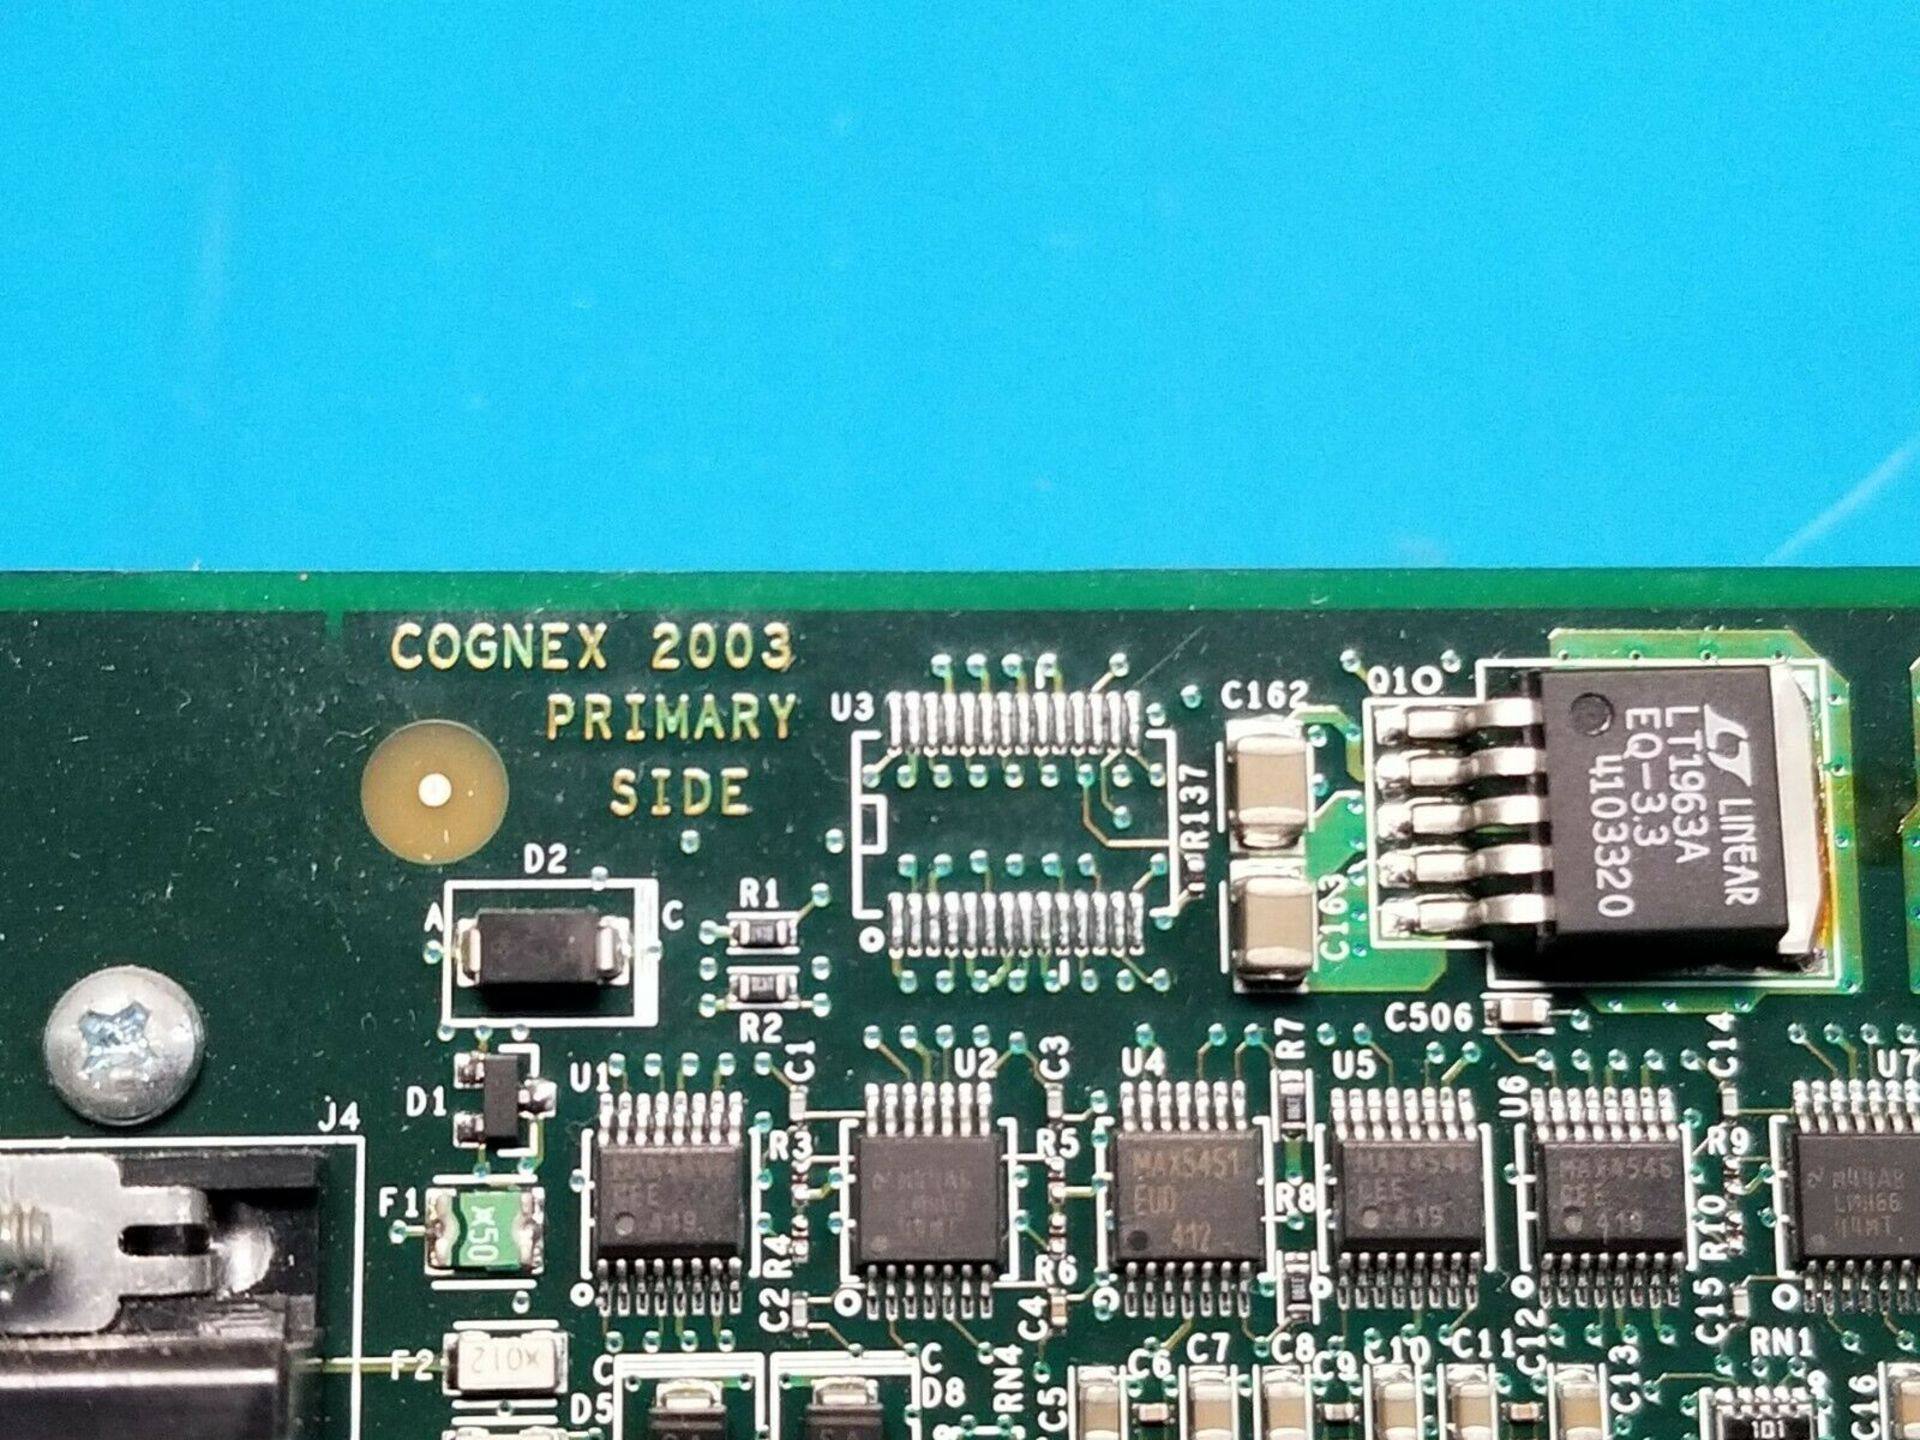 COGNEX MACHINE VISION CAMERALINK FRAME GRABBER - Image 3 of 5